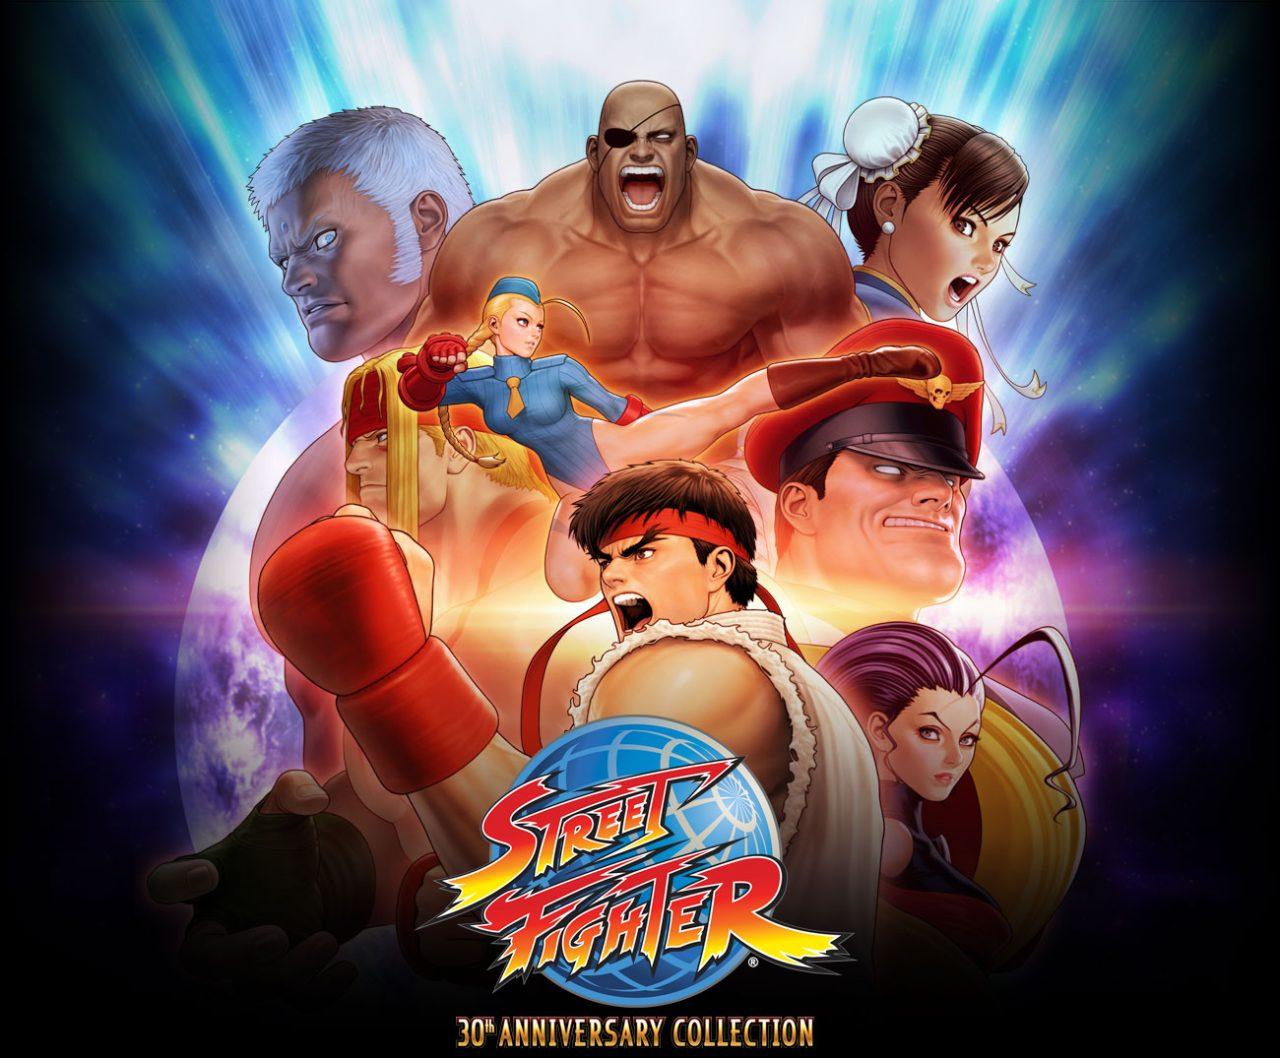 Lasciate stare gli esami e studiate la storia: Street Fighter 30th Anniversary Collection è qui (foto)